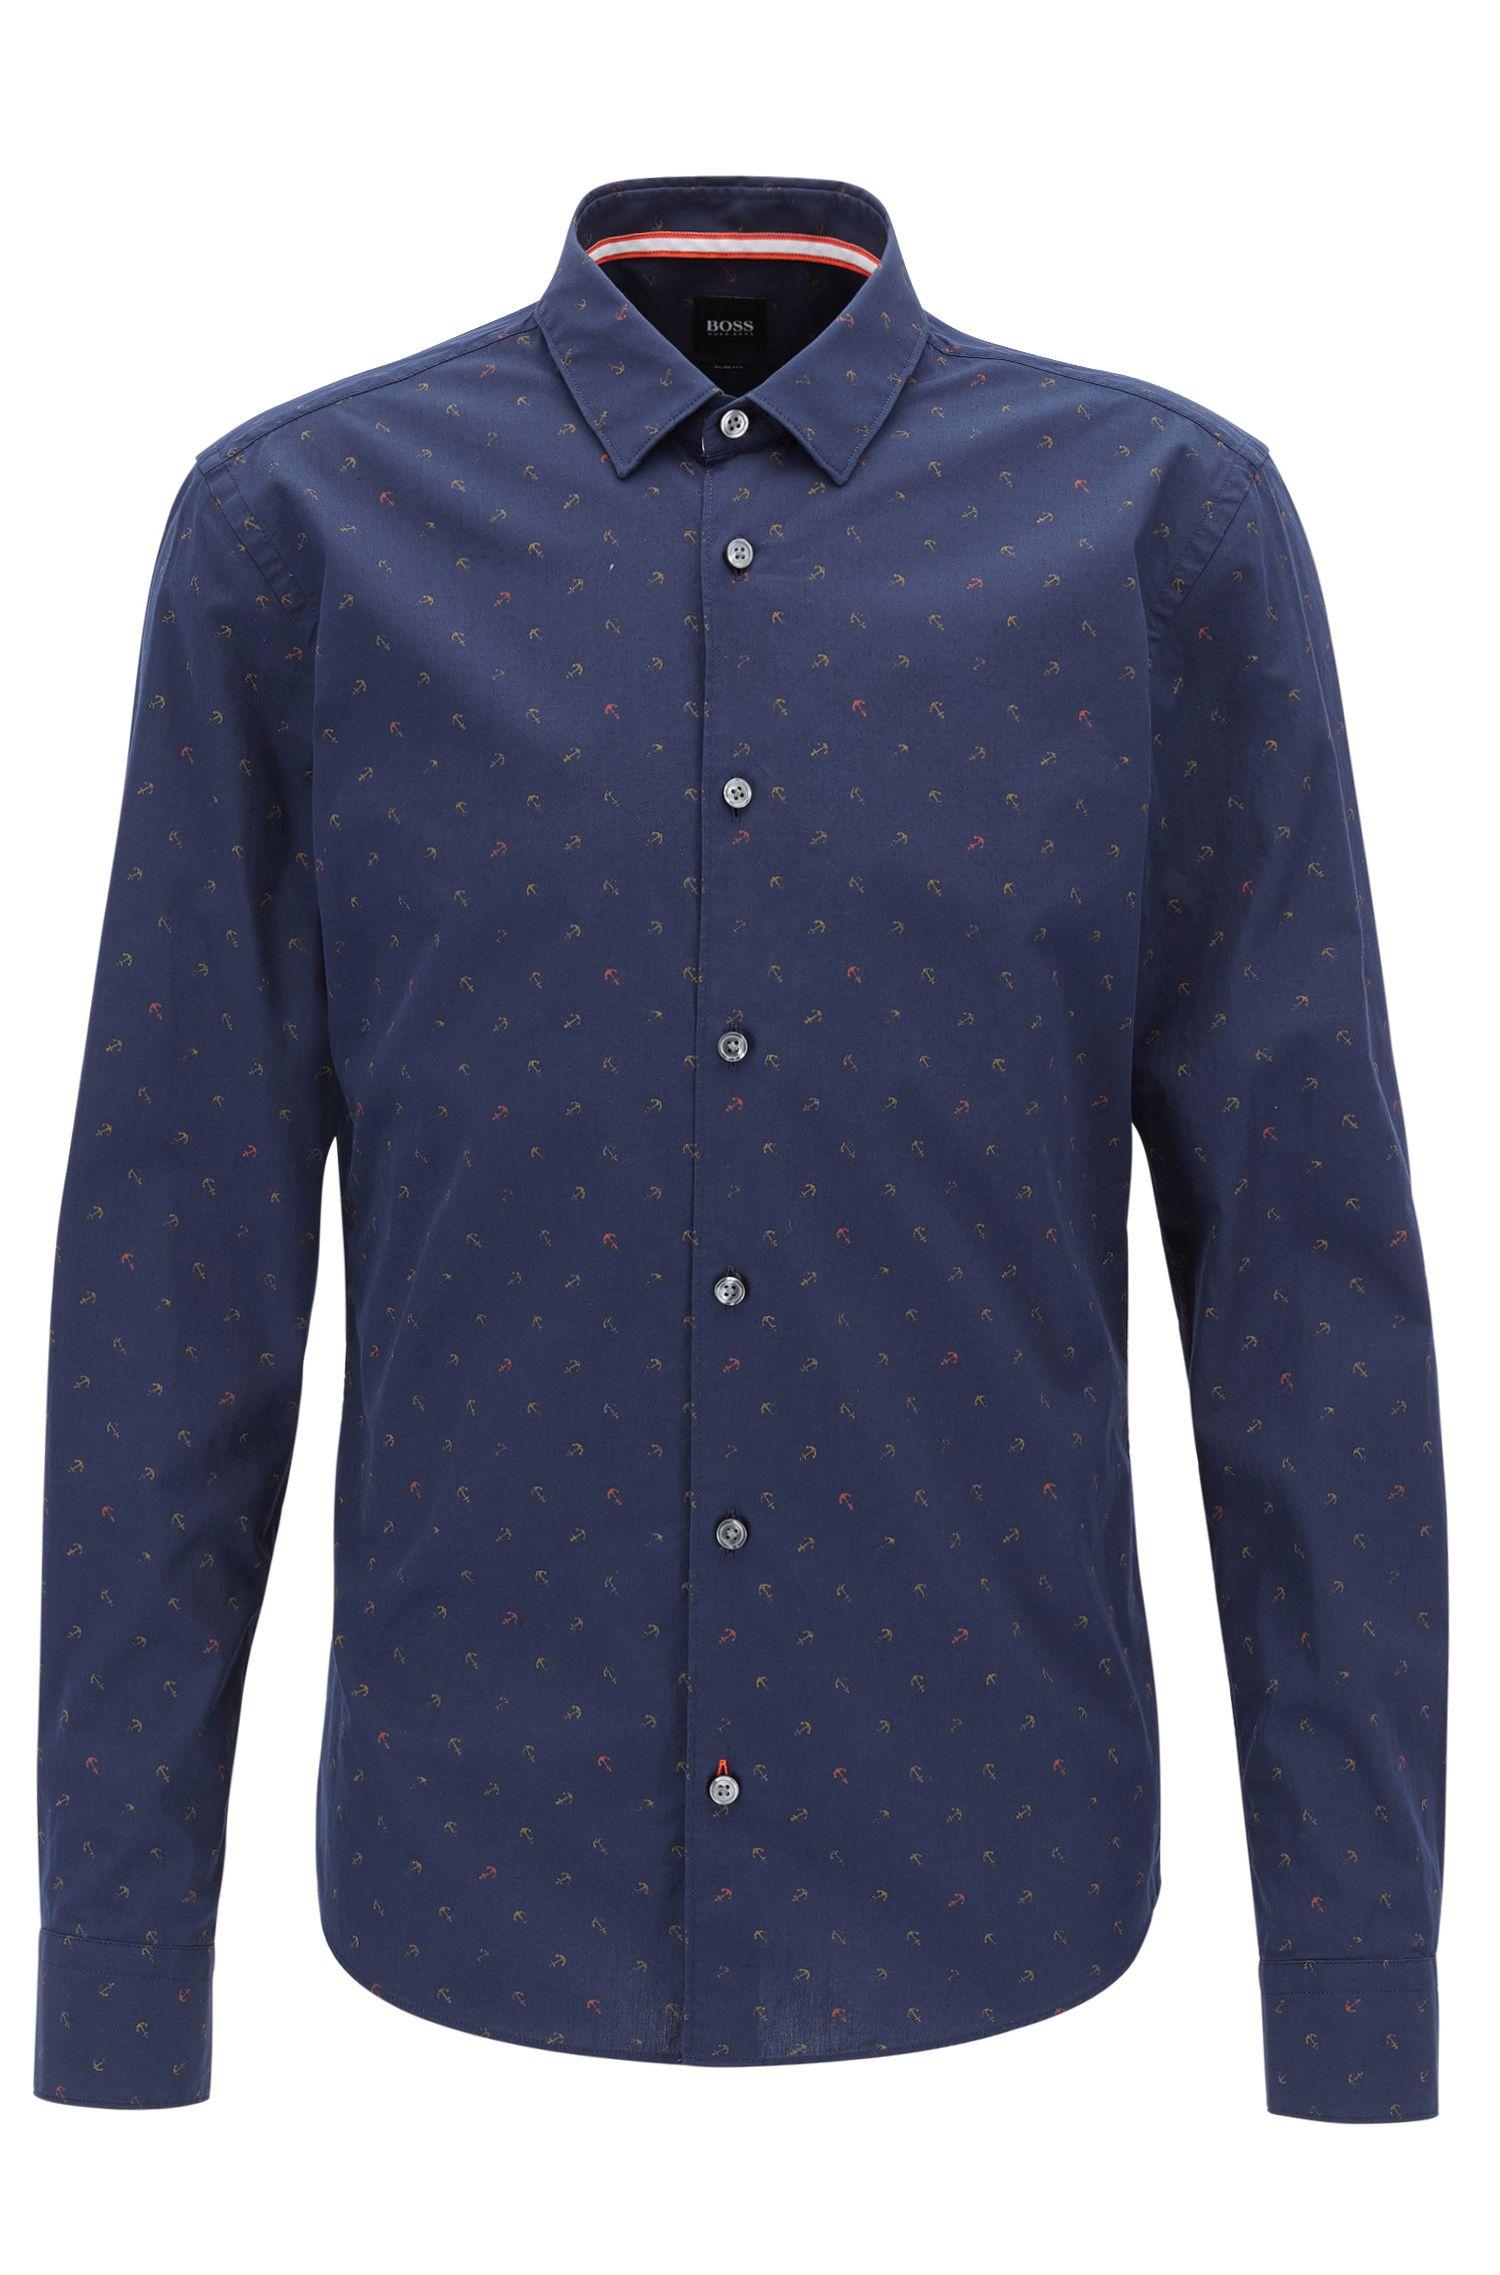 Camicia slim fit in cotone con ancore stampate